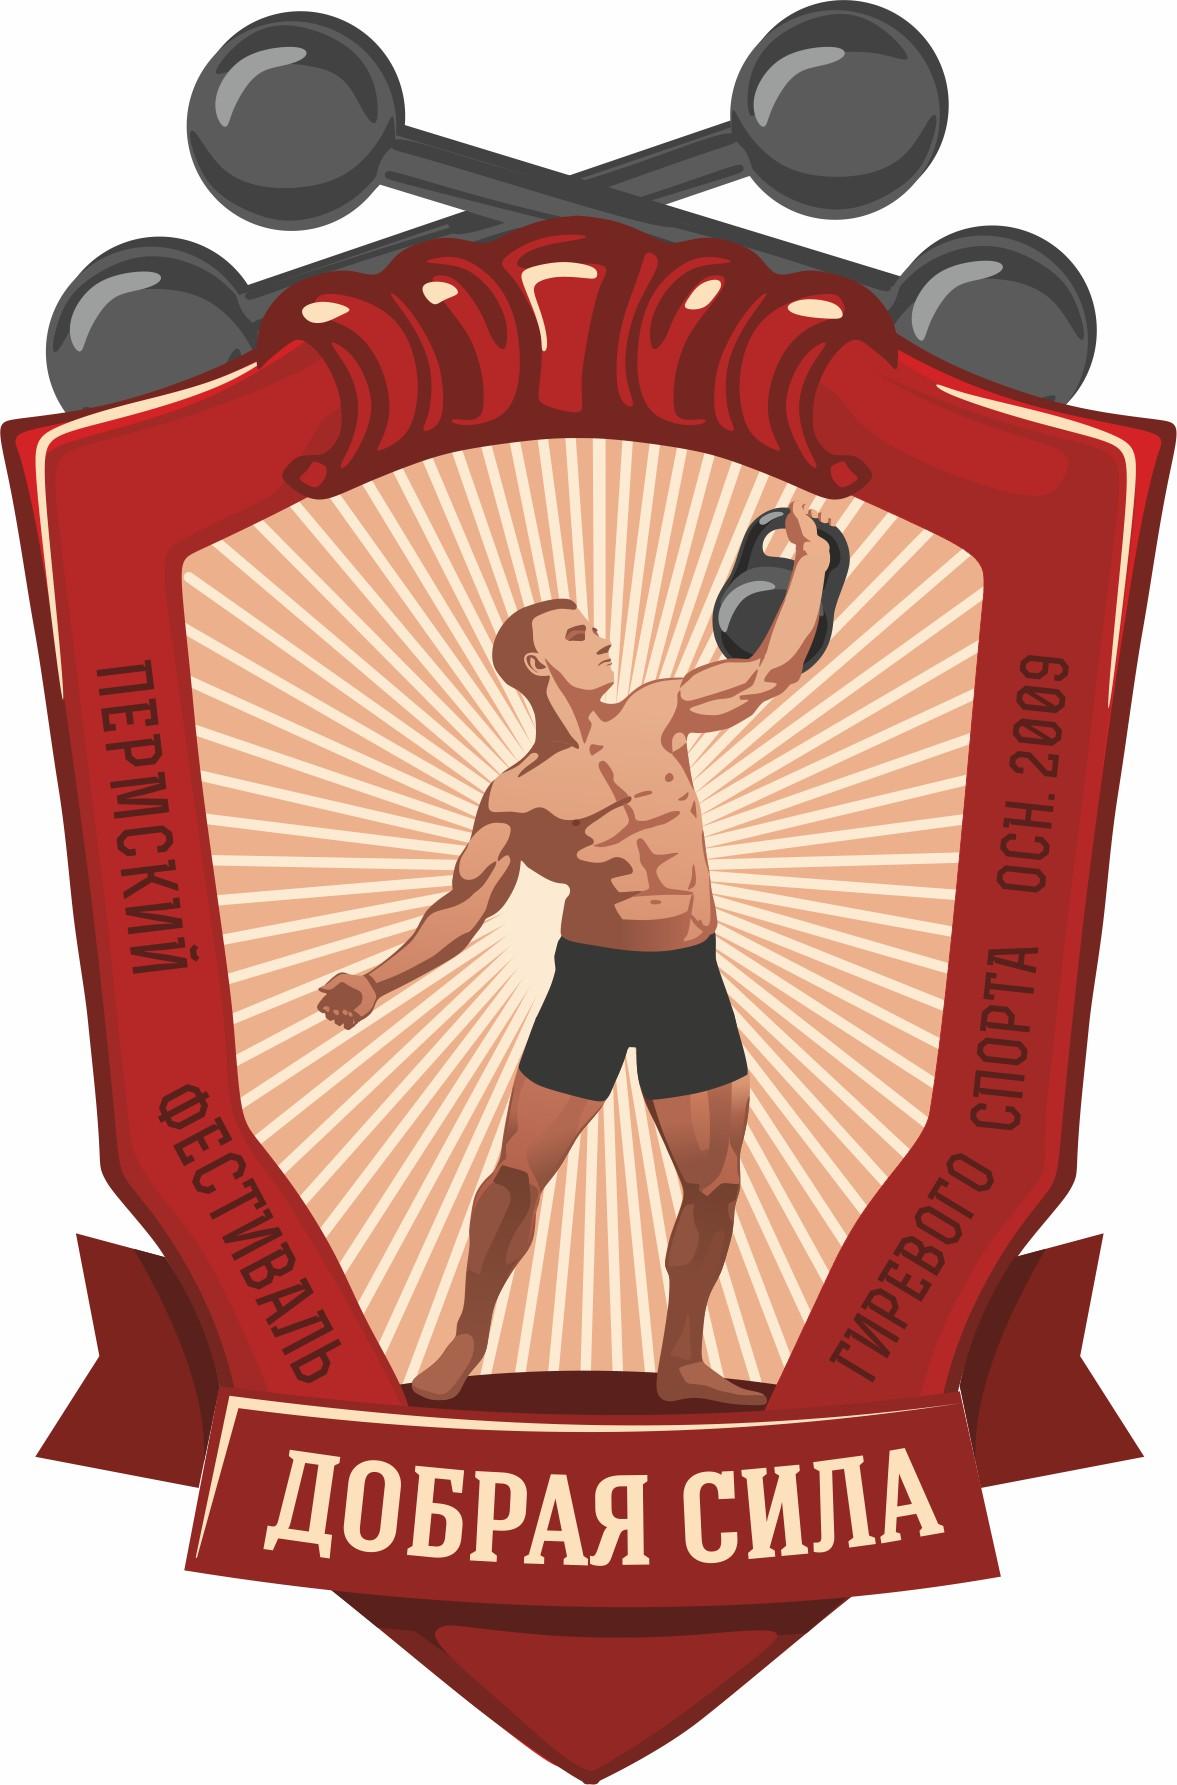 Фестиваль гиревого спорта «Добрая Сила» Пермь